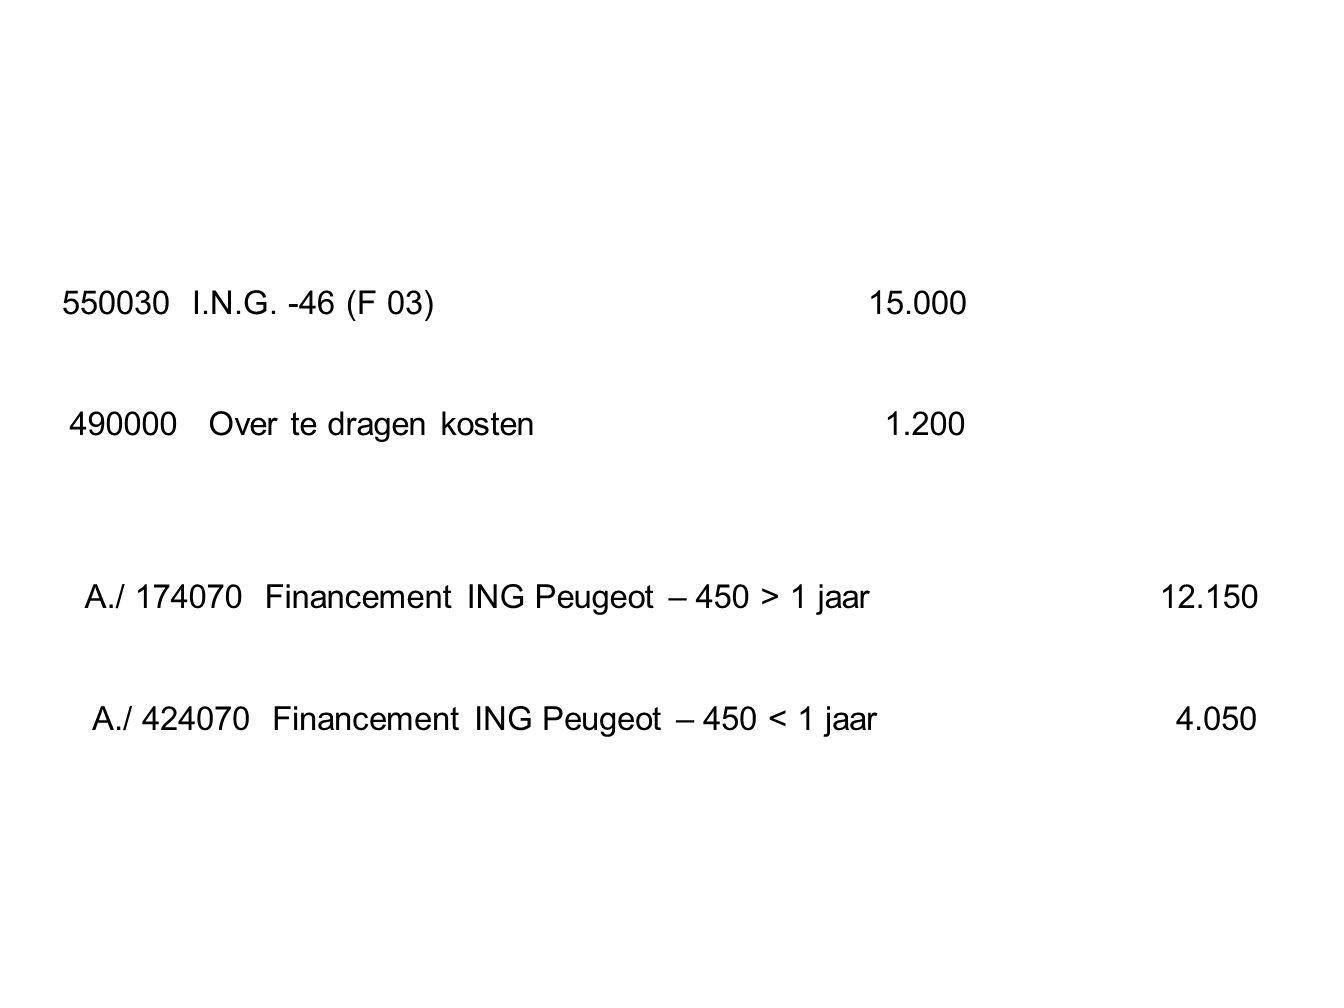 Per 31.12.y 650000 Intresten 500,00 A./ 490000 Over te dragen kosten 500,00 174070 Financement ING – Peugeot – 450 > 1 jaar 5.400,00 A./ 424070 Financement ING – Peugeot – 450 < 1 jaar 5400,00